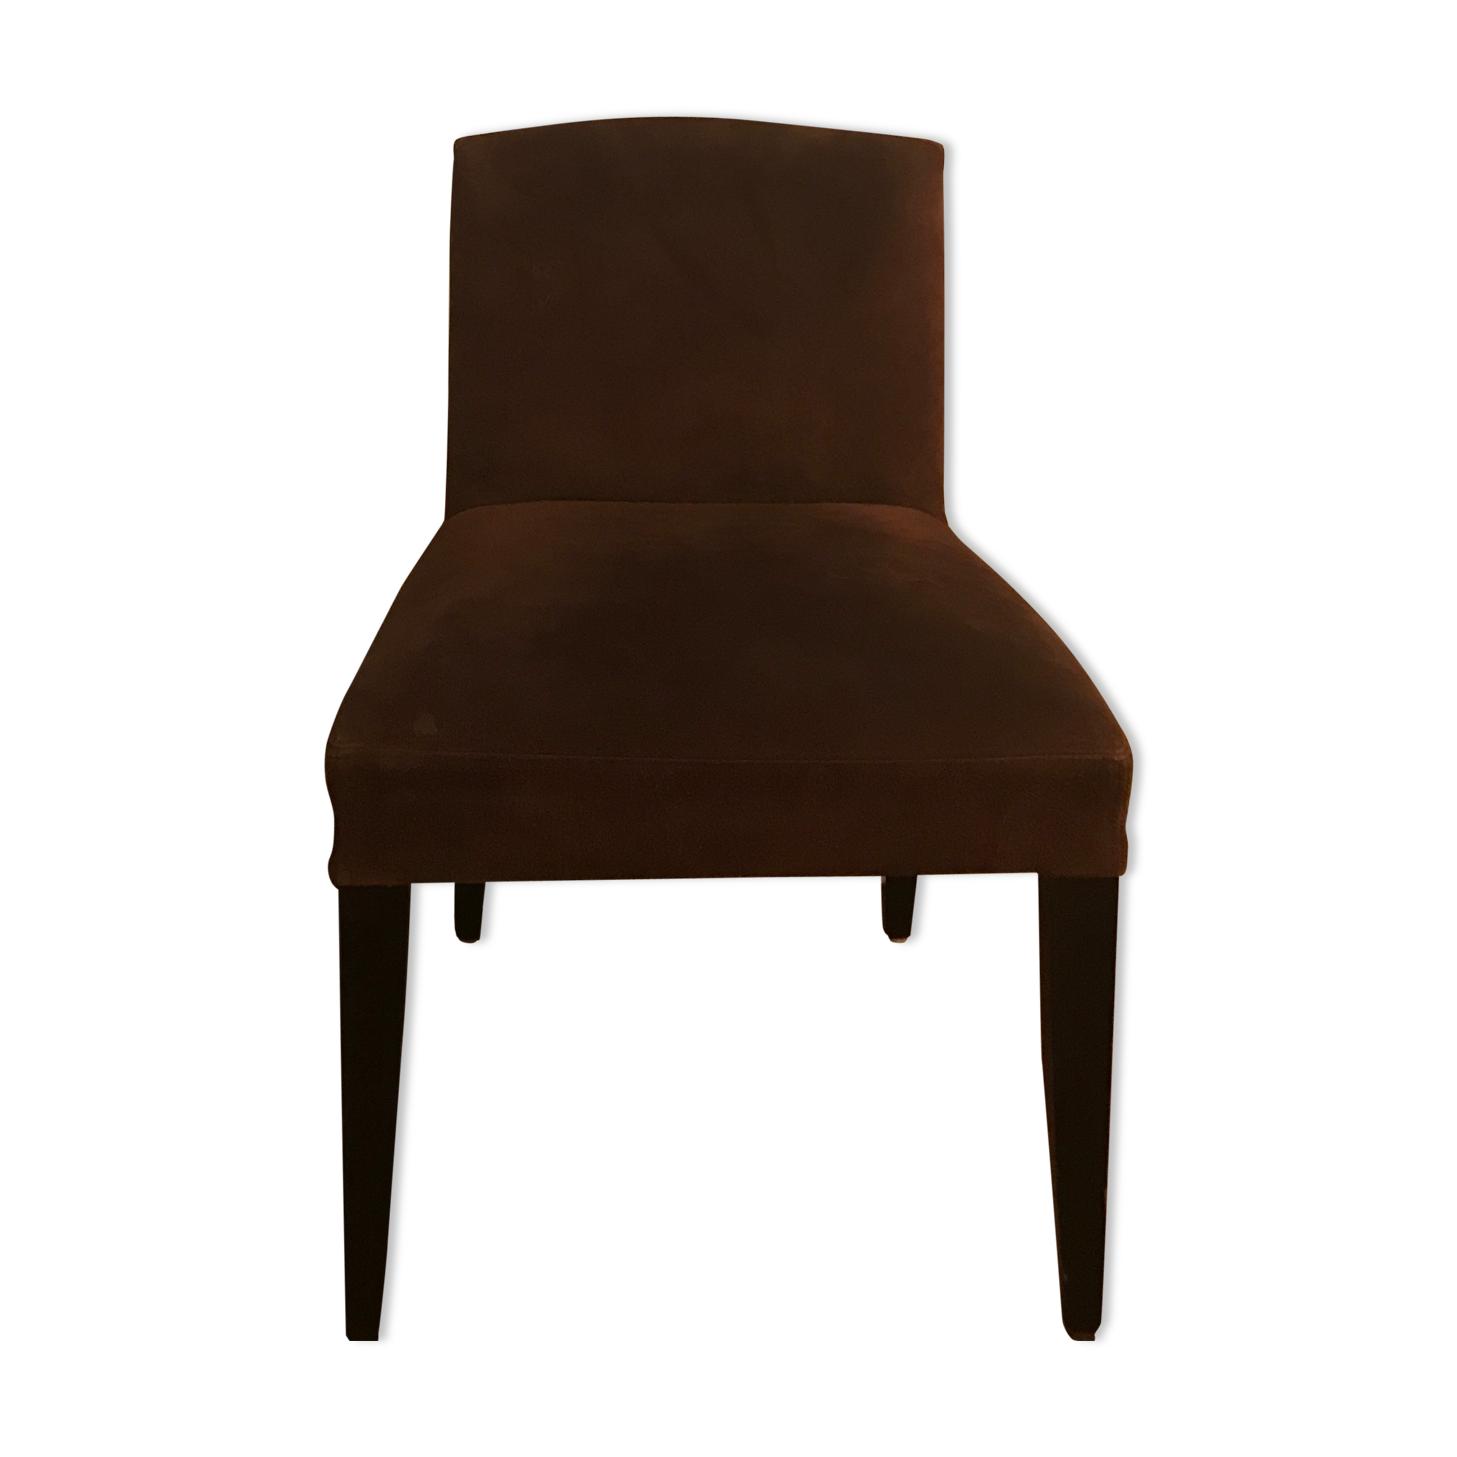 6 Chaises du designer Henry Beck pour la marque Modenature